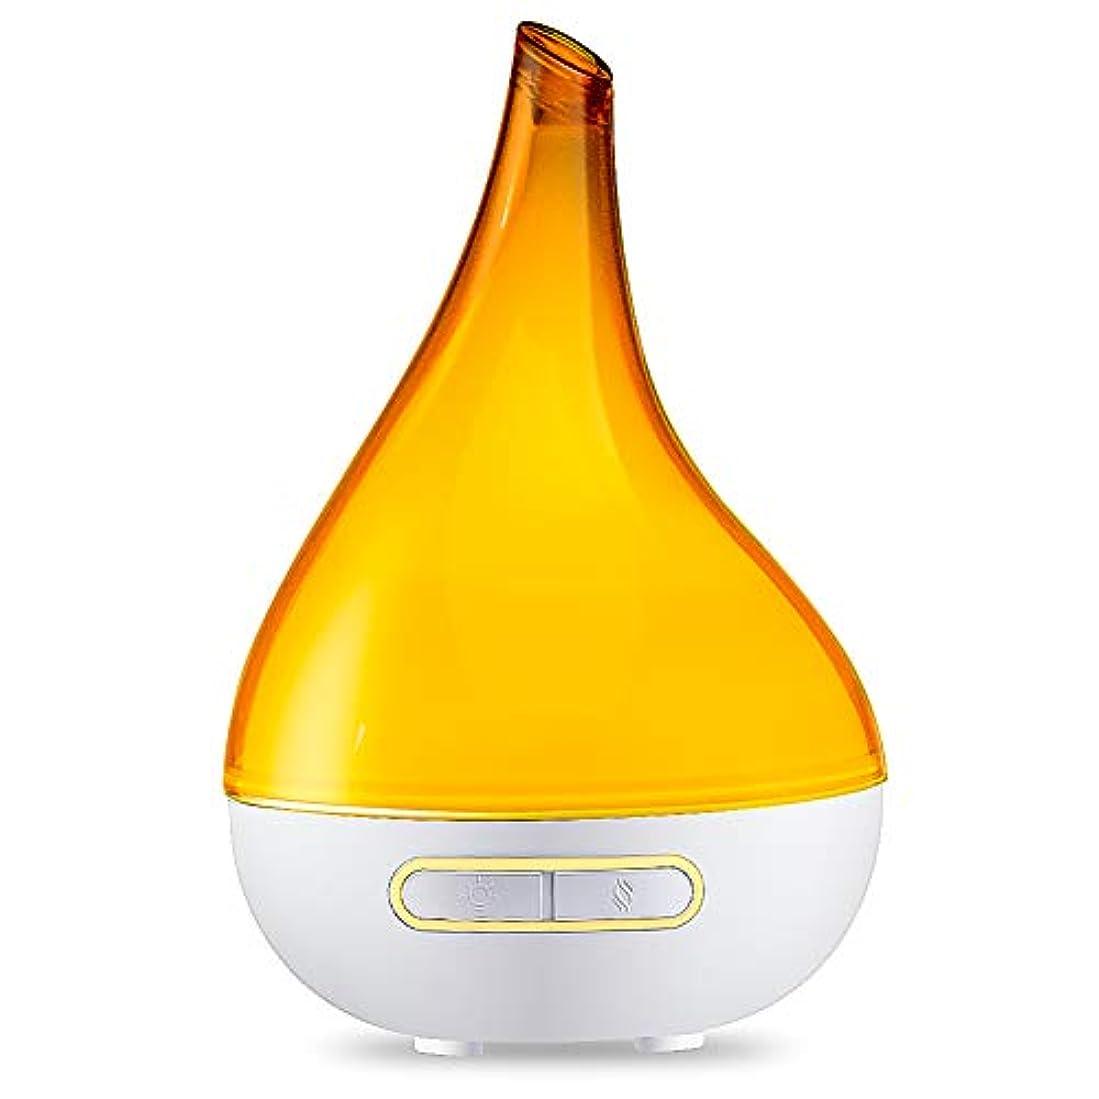 崖スリッパヘルメット超音波 エッセンシャル オイル ディフューザー 電気 涼しい霧の加湿器 調節可能なミスト付け アロマディフューザー 夜間照明付き 赤ちゃんの家-オレンジ 15x23.7cm